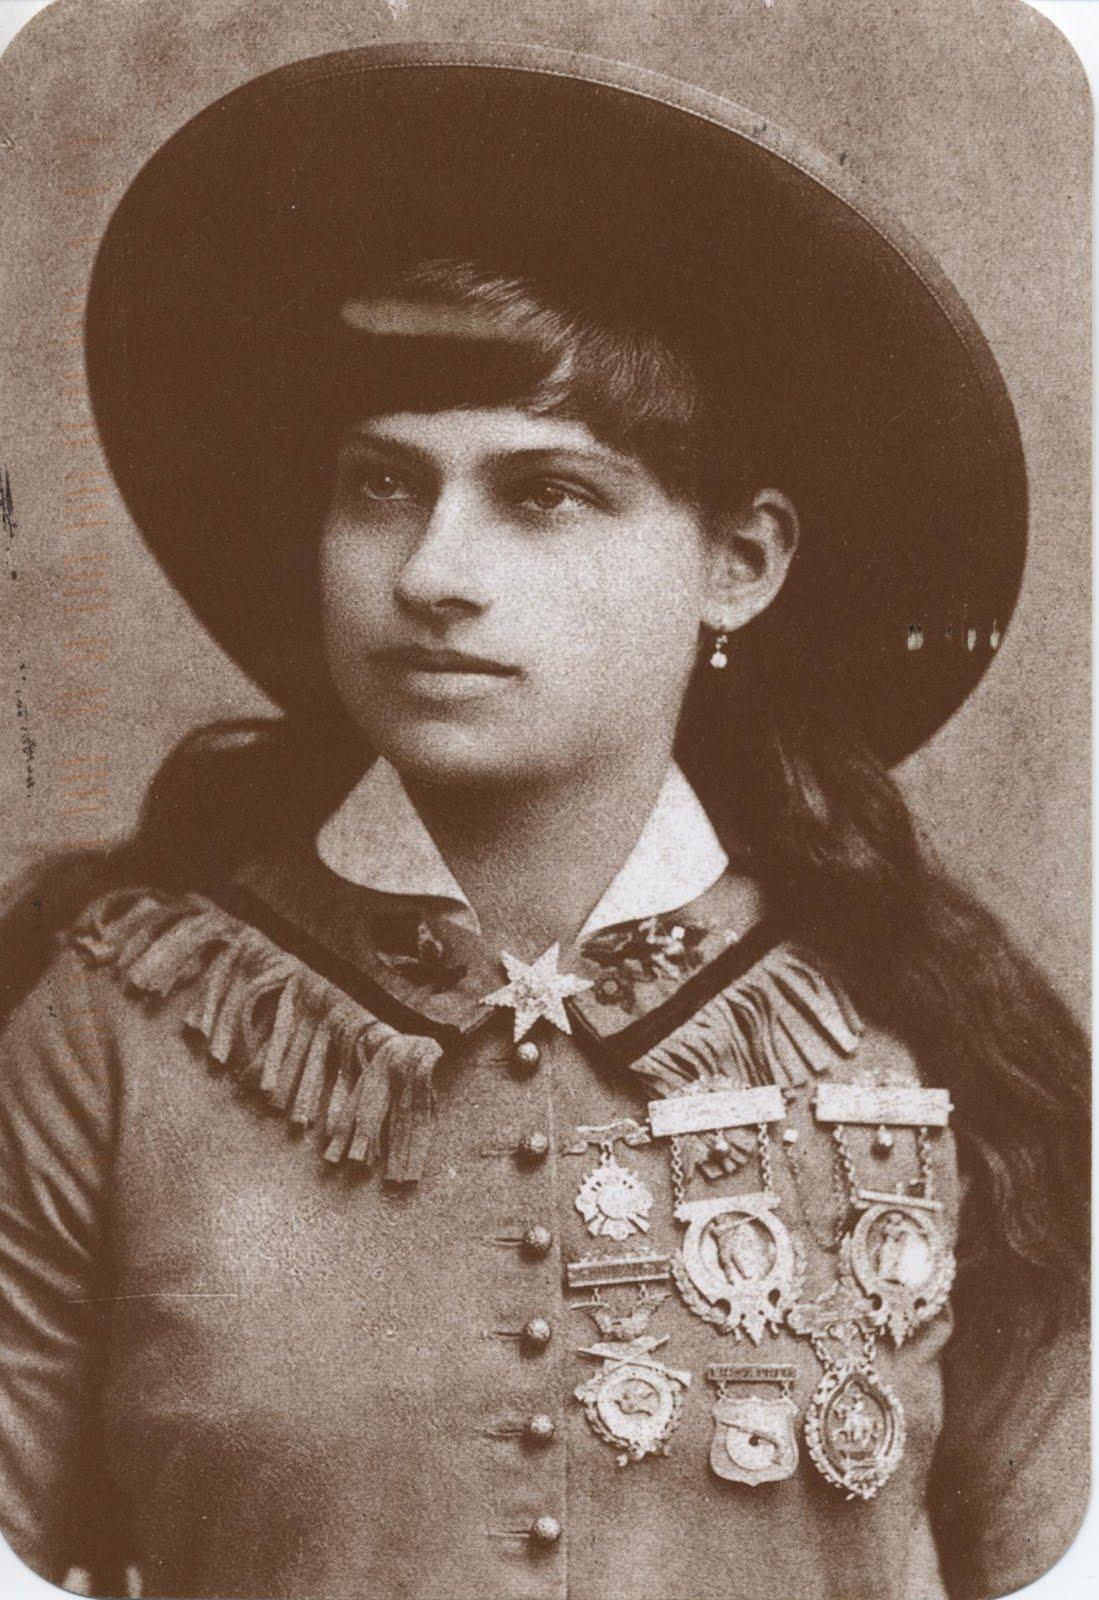 annie oakley Annie oakley, née sous le nom de phoebe ann moses (1860 - 1926), est un personnage mythique de la conquête de l'ouest elle s'est fait remarquer pour son habileté et sa grande précision au tir.